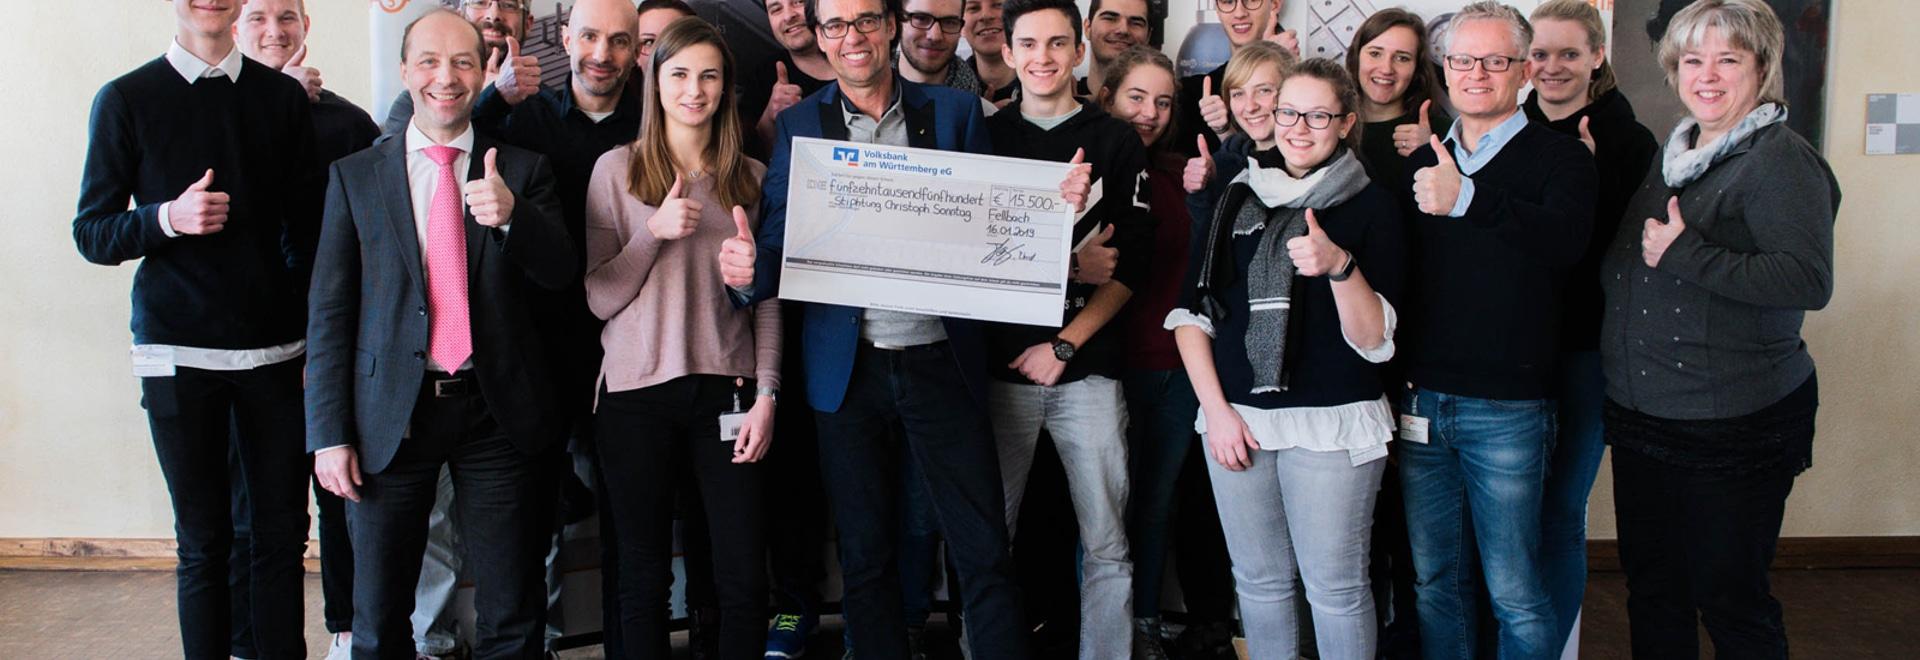 Stiphtung Christoph Sonntag freut sich über Spende der AMF-Azubis